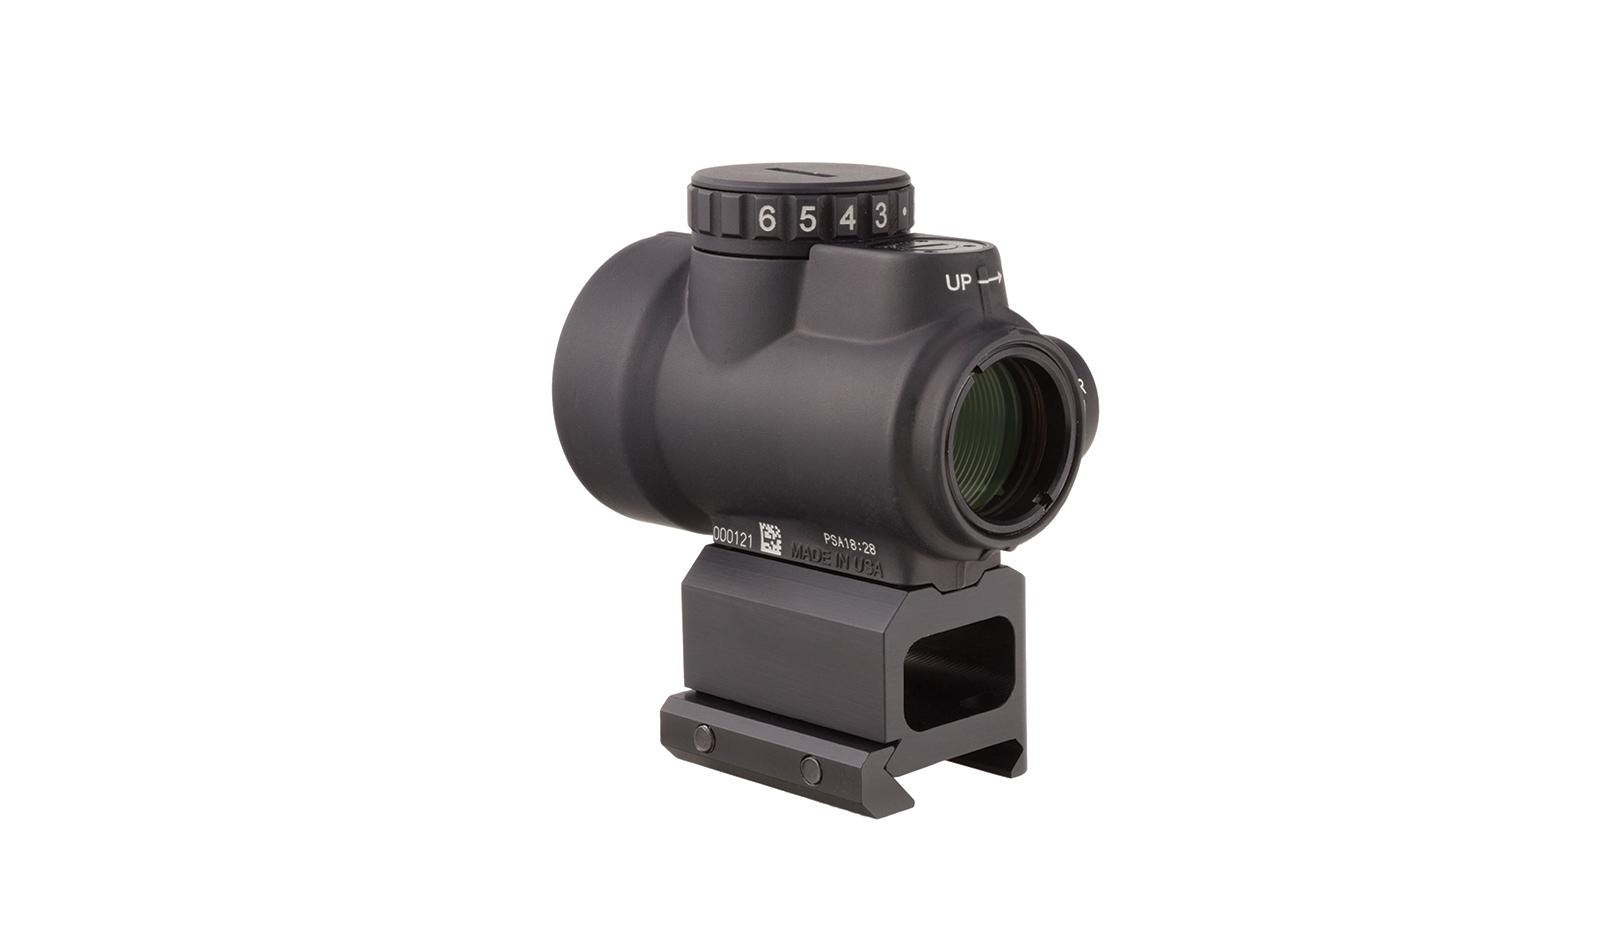 MRO-C-2200006 angle 3